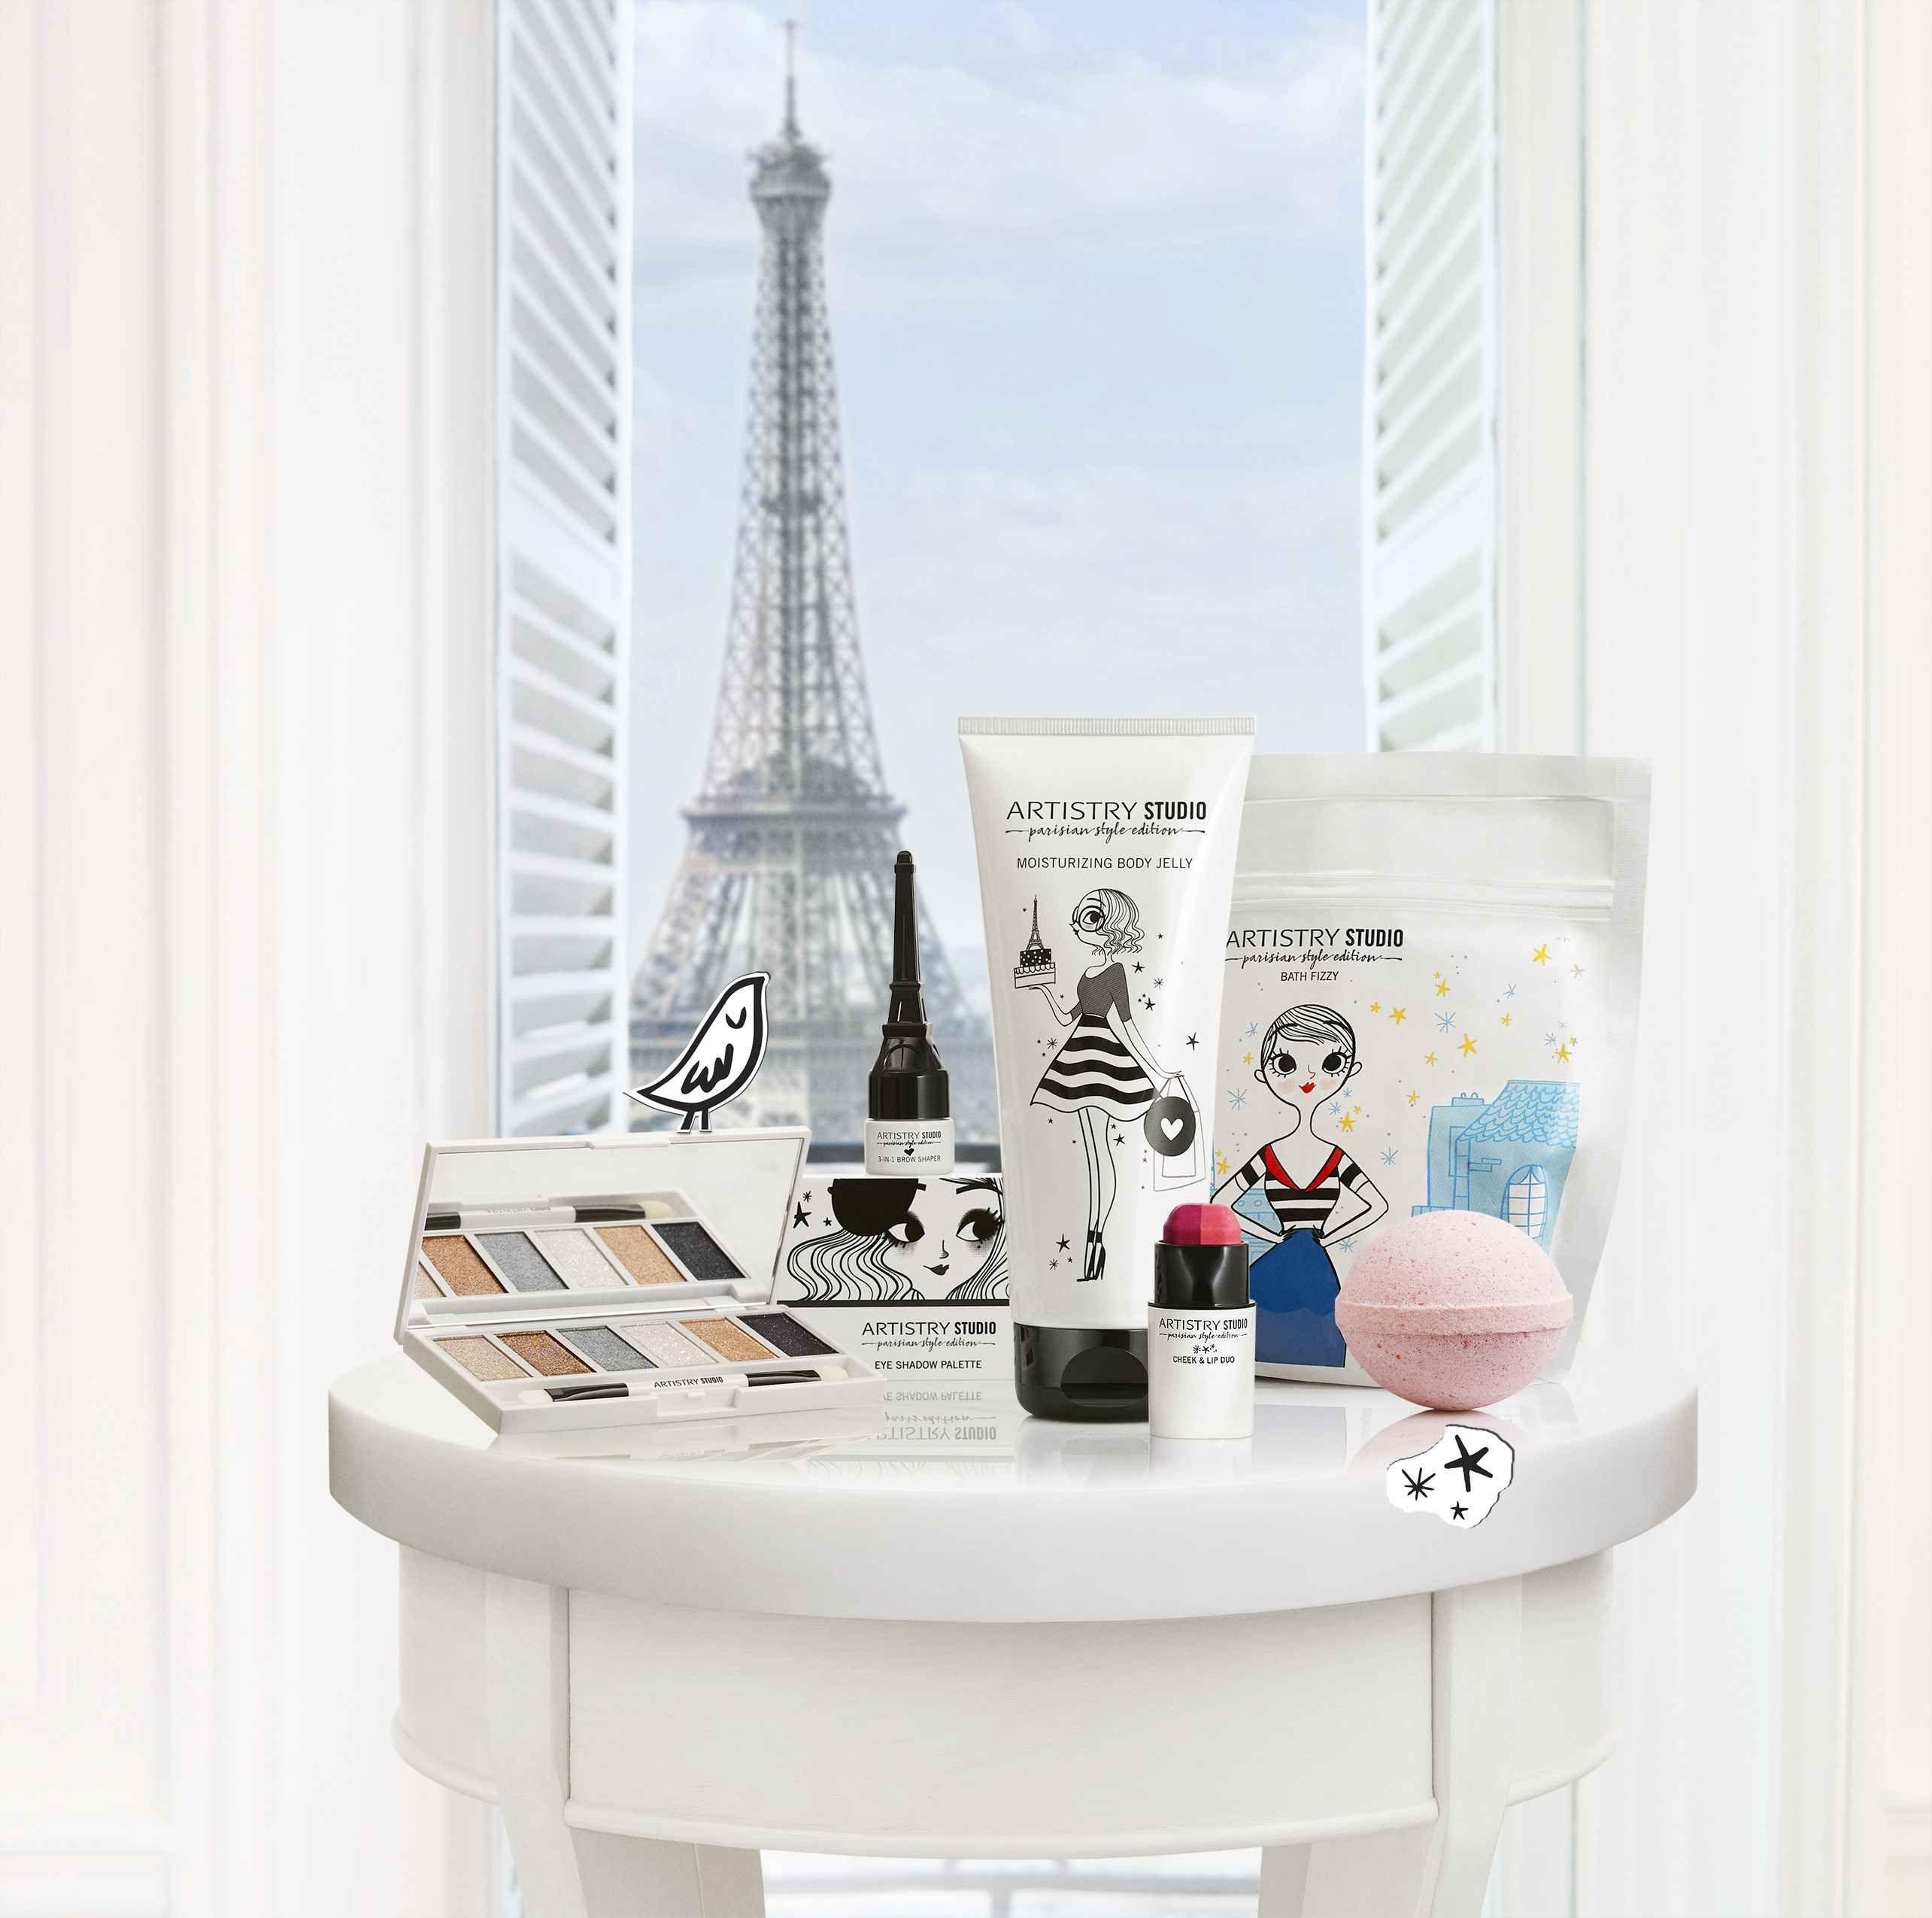 Artistry Studio, Bonjour Paris, sminkkollekció, francia, Párizs, Adolie Day, rúzs és más